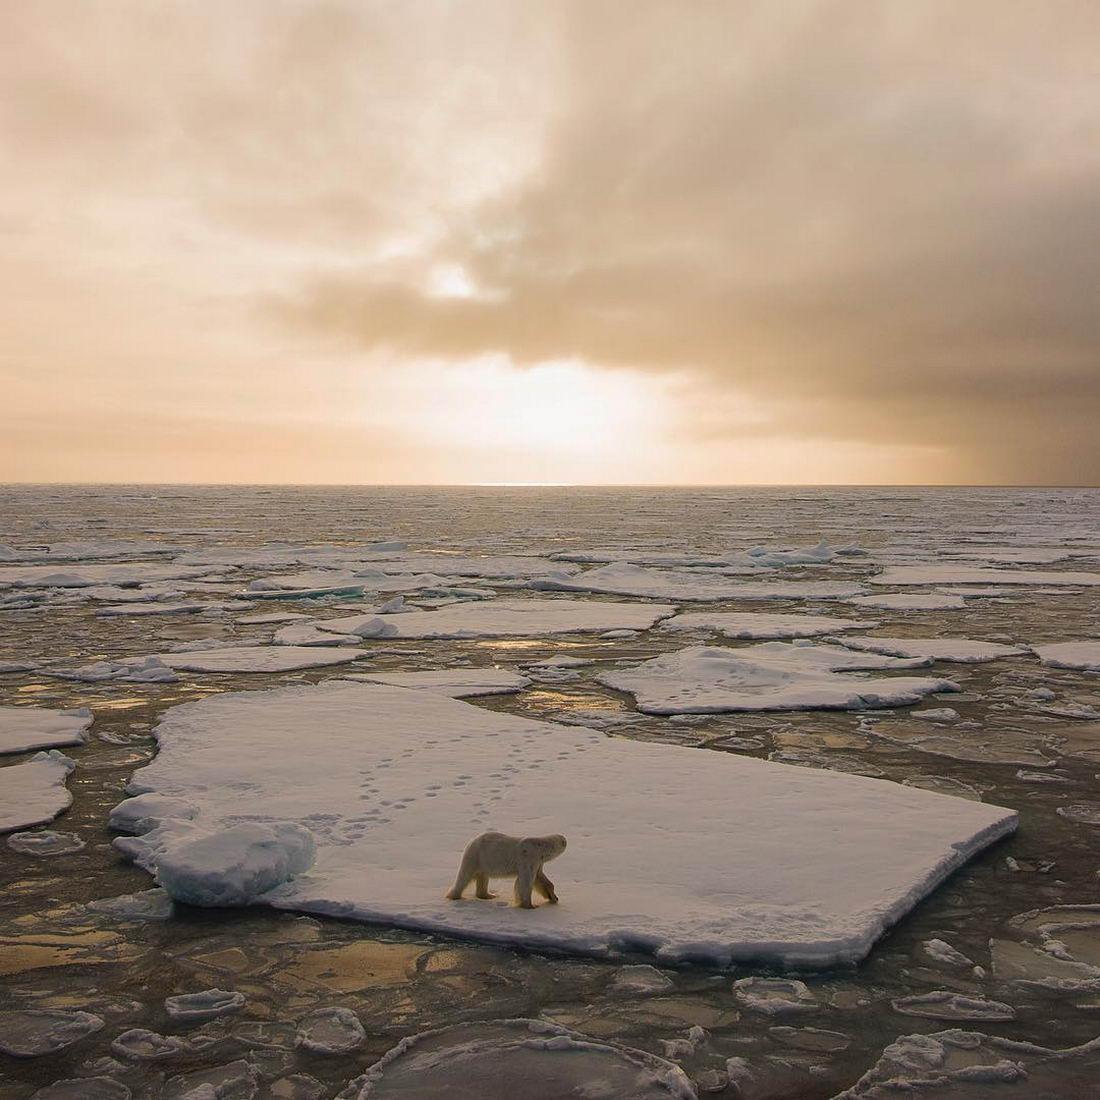 Арктическая дикая природа на снимках Одуна Ли Даля (25 фото)